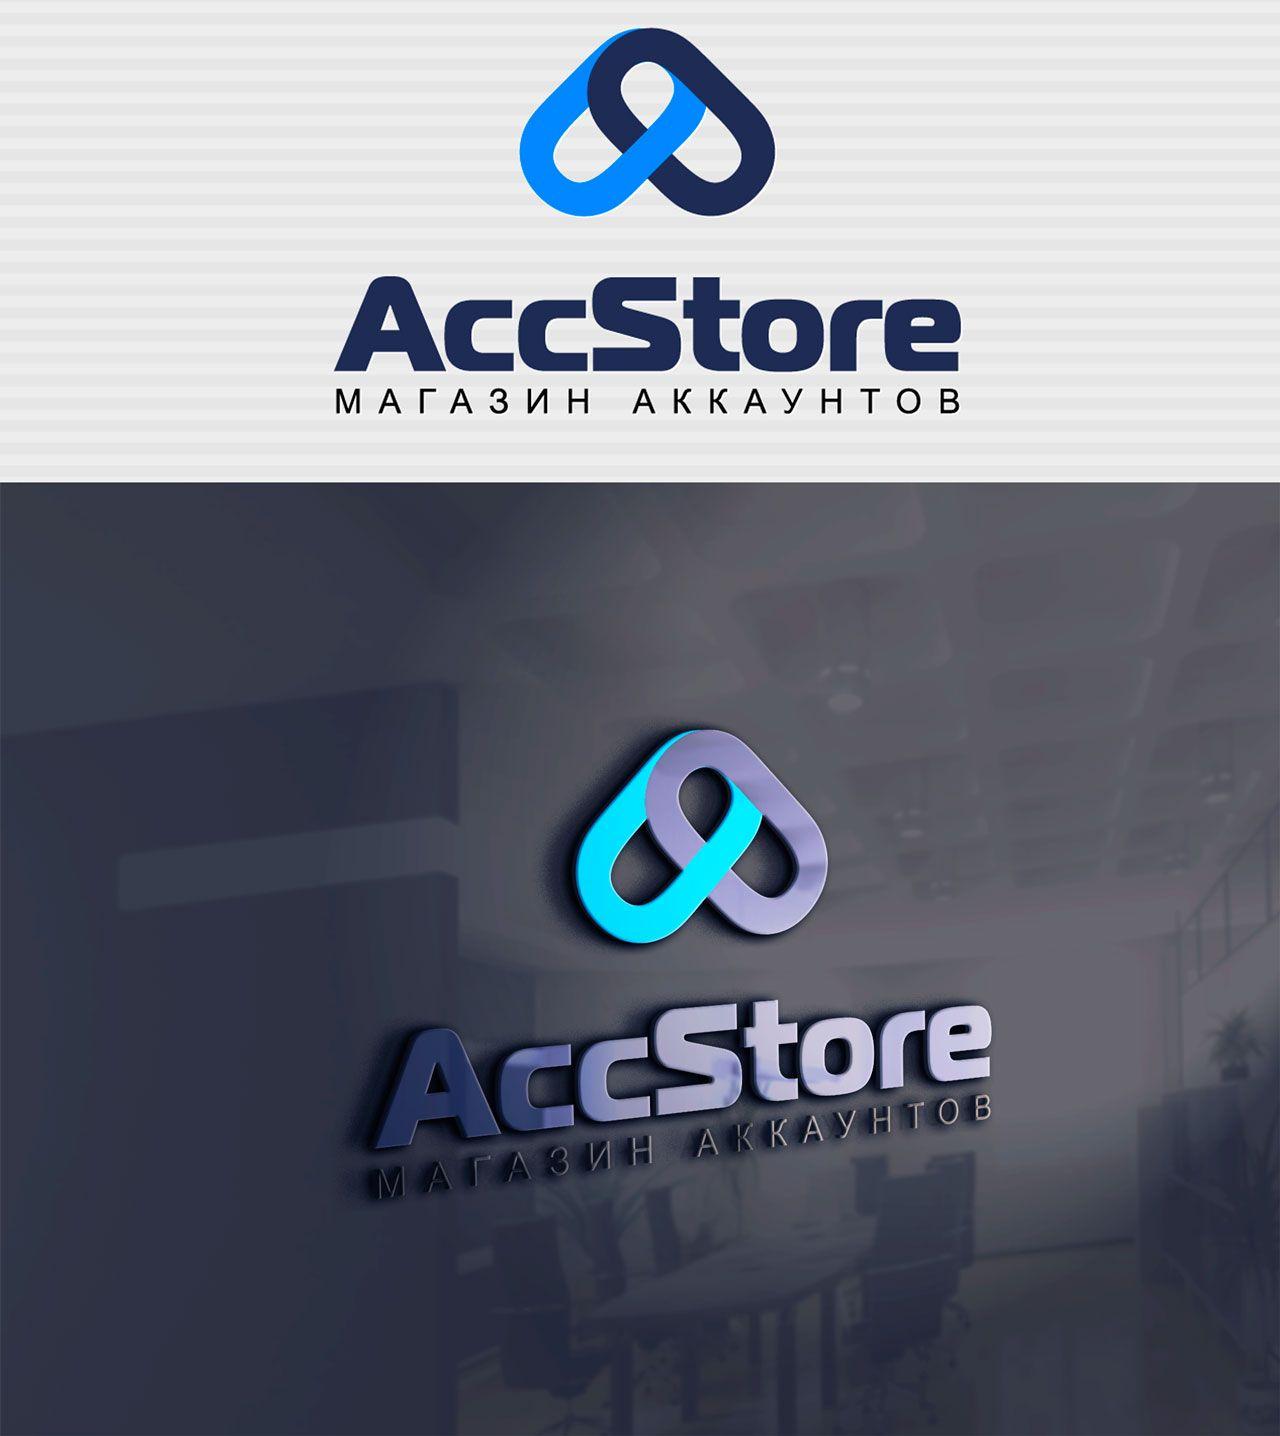 Логотип для магазина аккаунтов - дизайнер Alphir